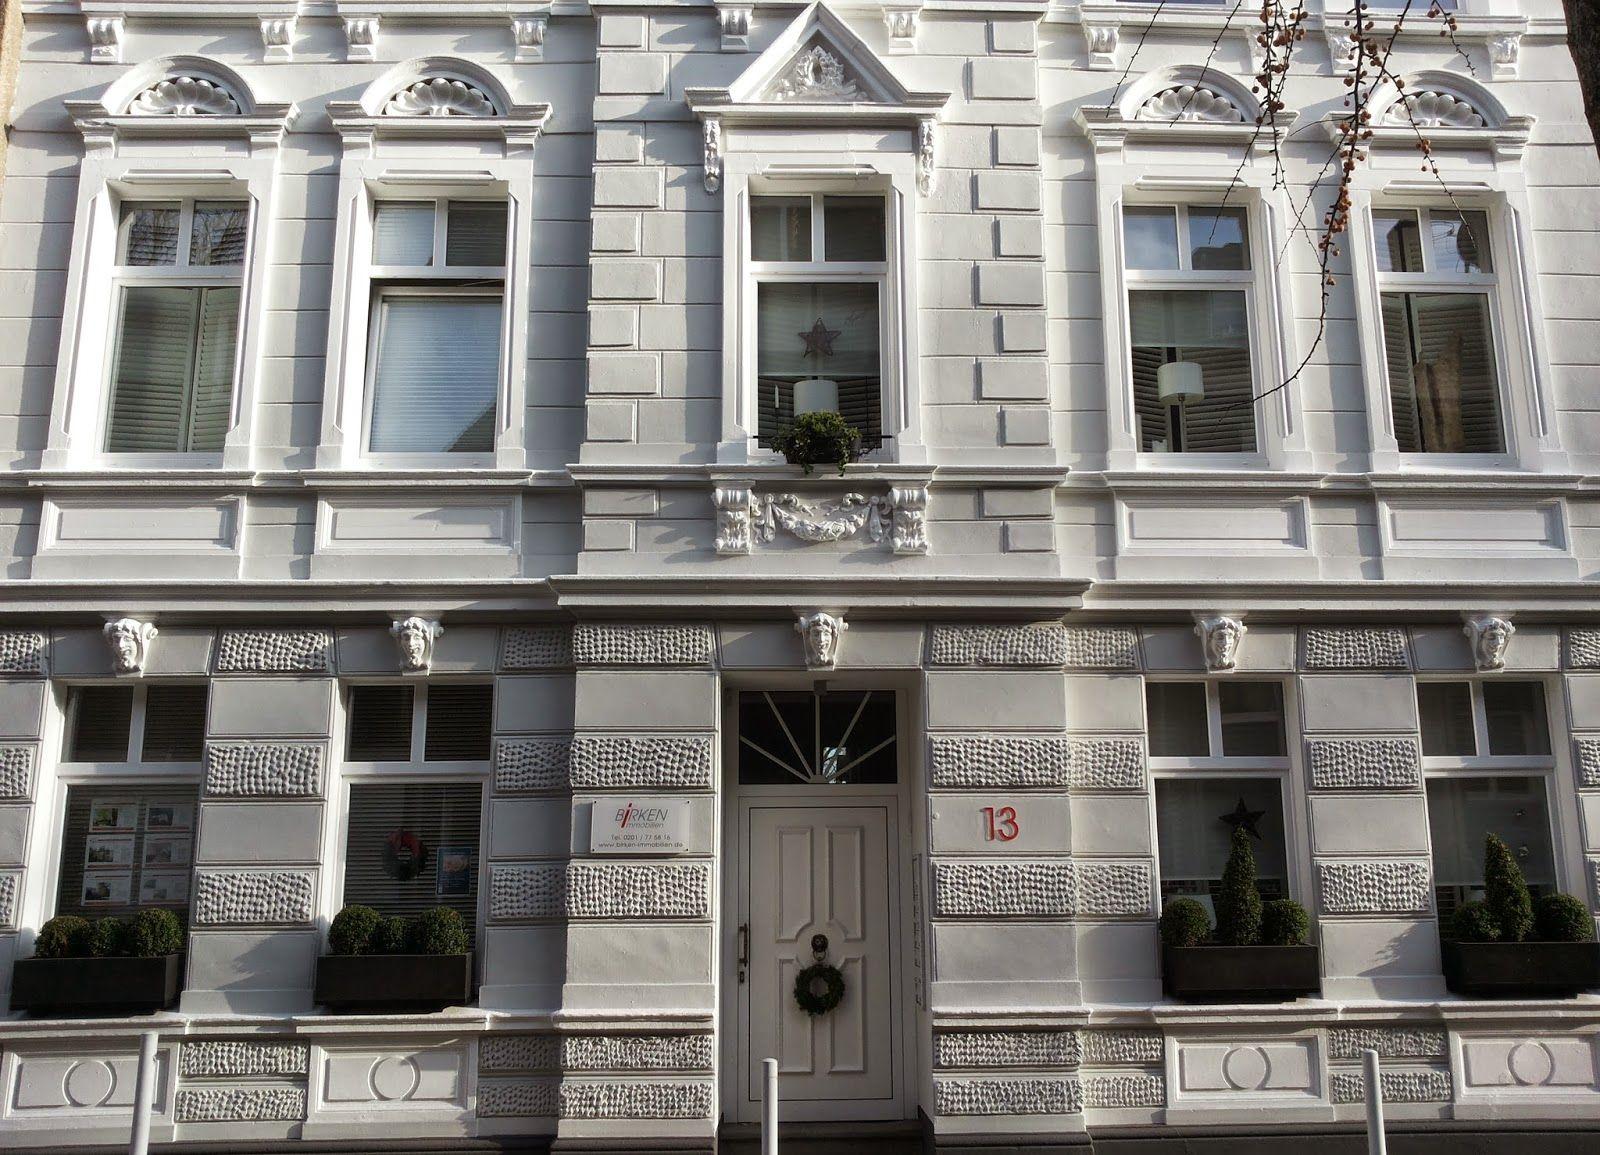 deutschlands sch nste altbauten essen altbau gr nderzeit barock fassade altbaupracht. Black Bedroom Furniture Sets. Home Design Ideas